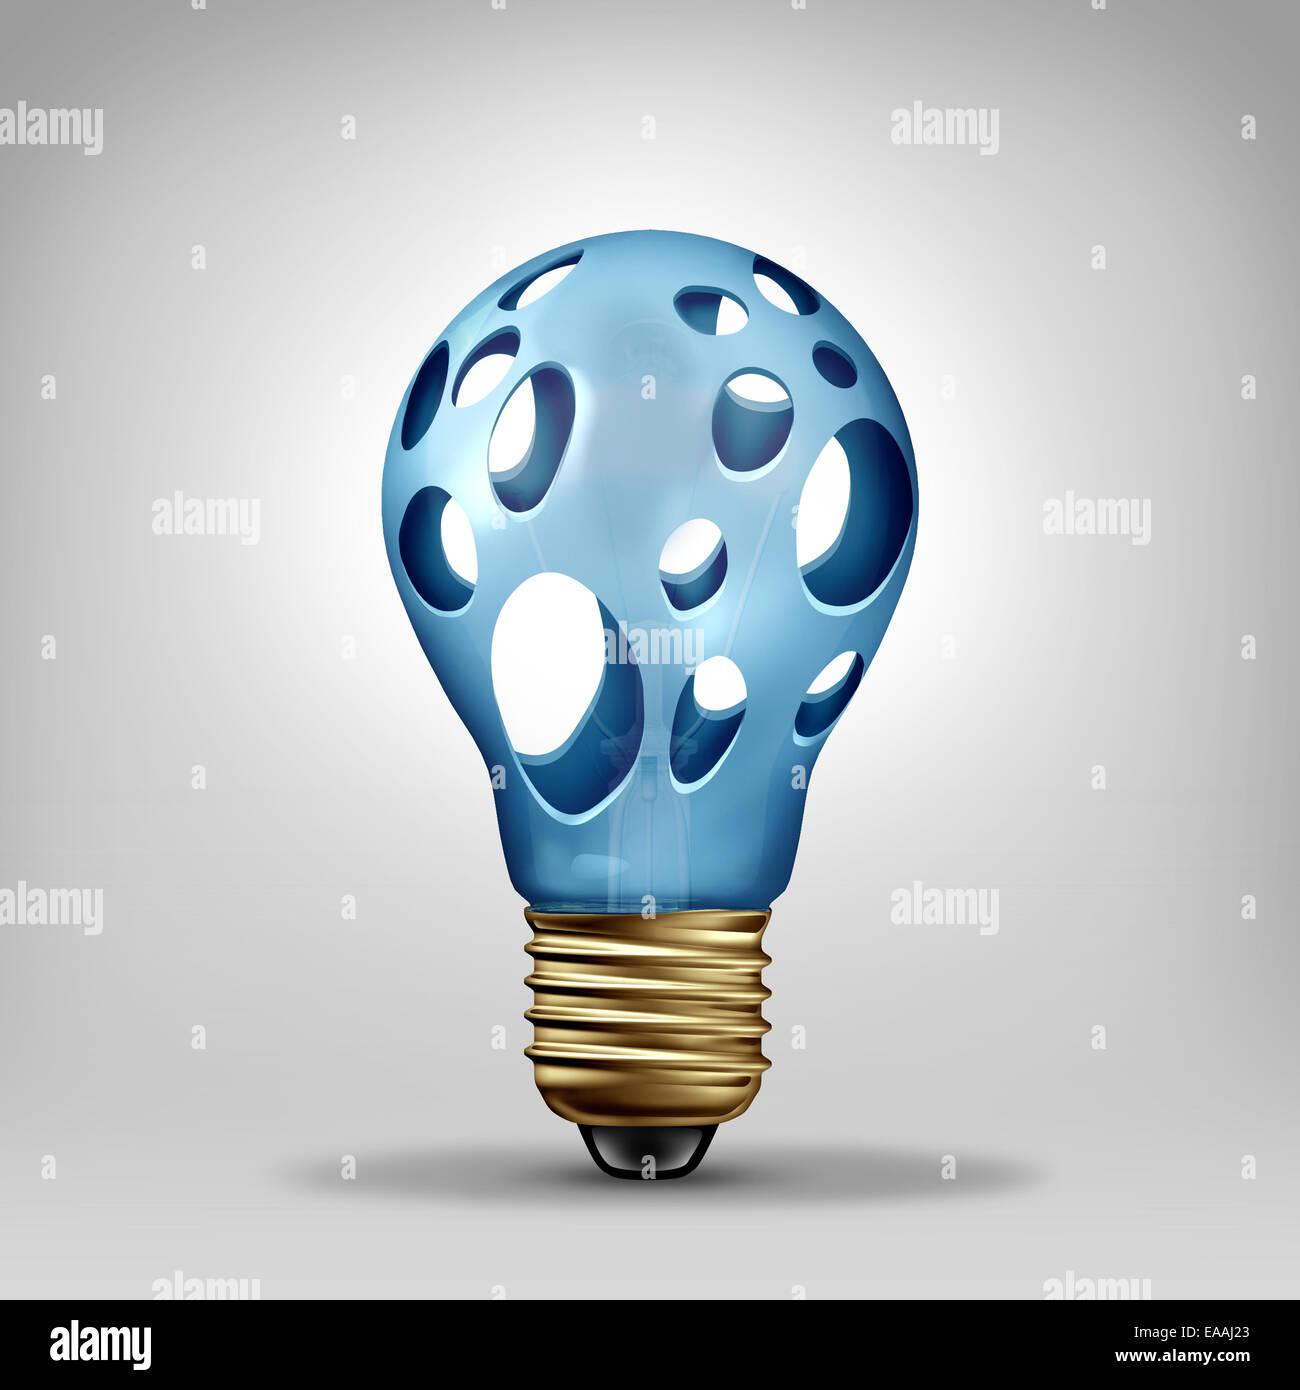 Idea problema concepto y creatividad crisis símbolo como una bombilla con agujeros vacíos como un icono Imagen De Stock